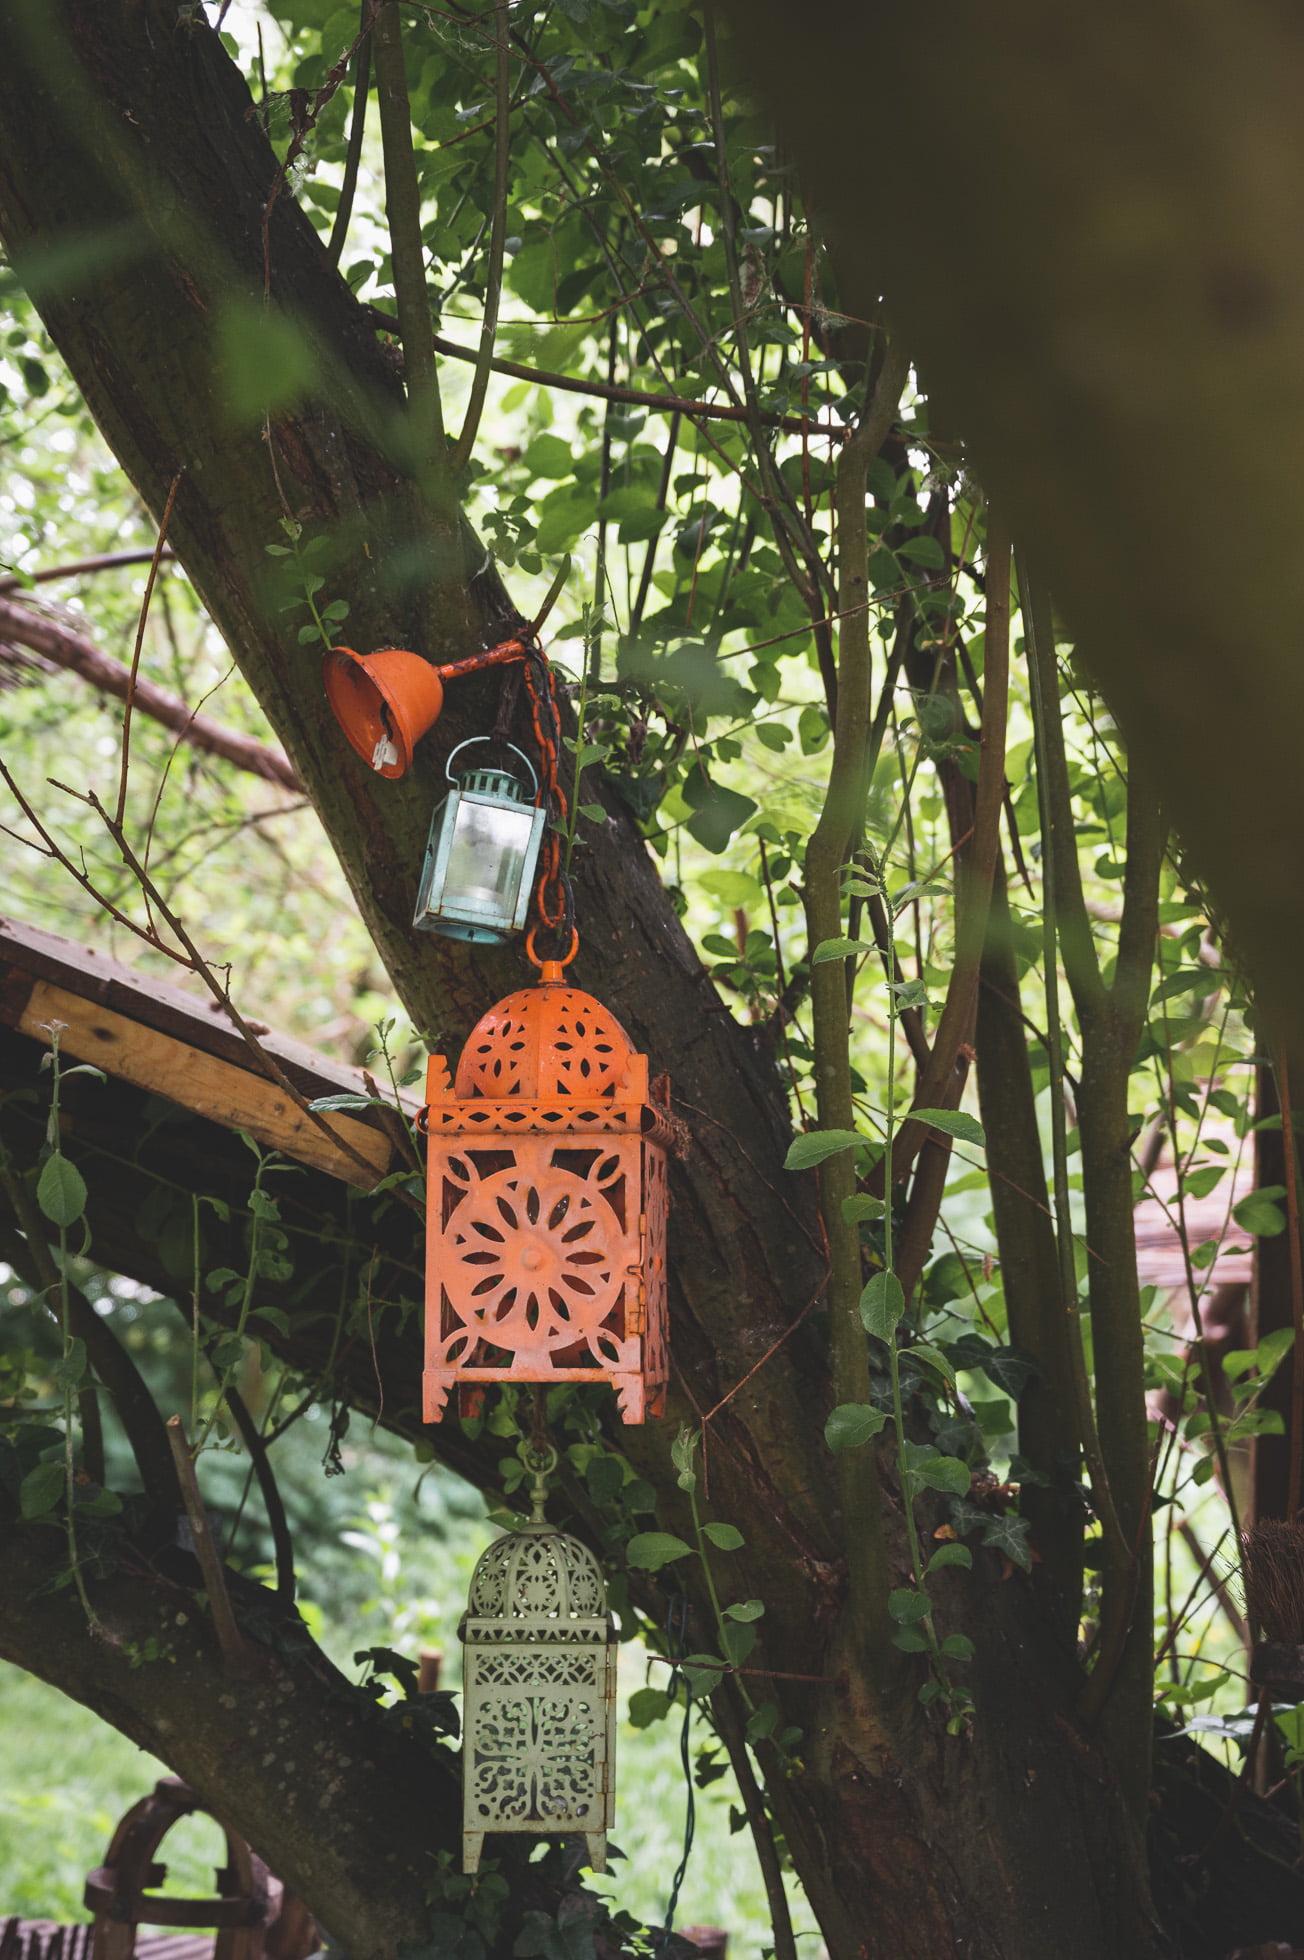 amiens 0605 - Les globe blogueurs - blog voyage nature